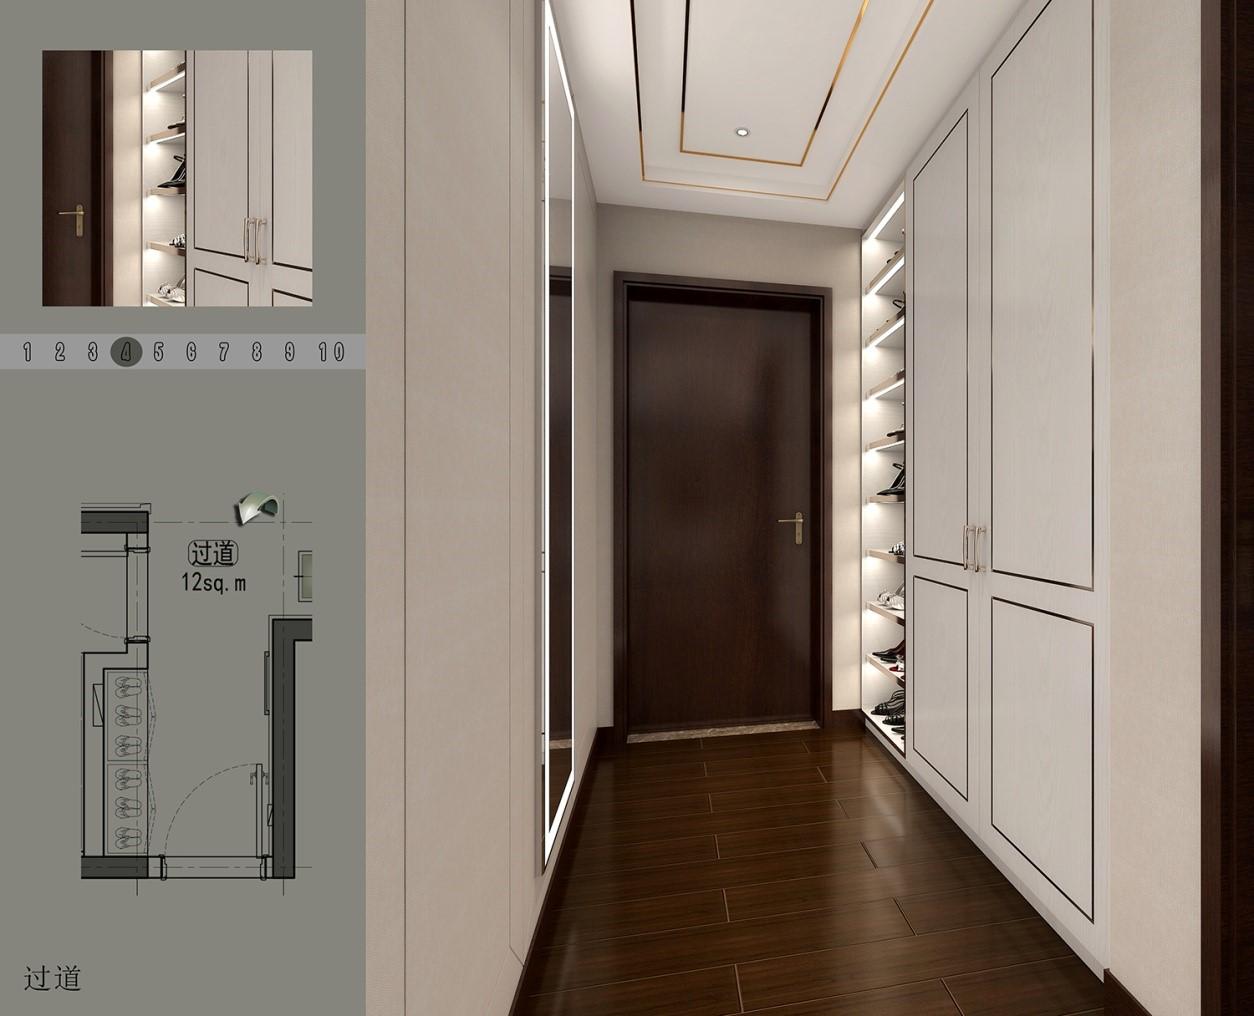 梅苑小区 / 现代简约风格 / 130平米